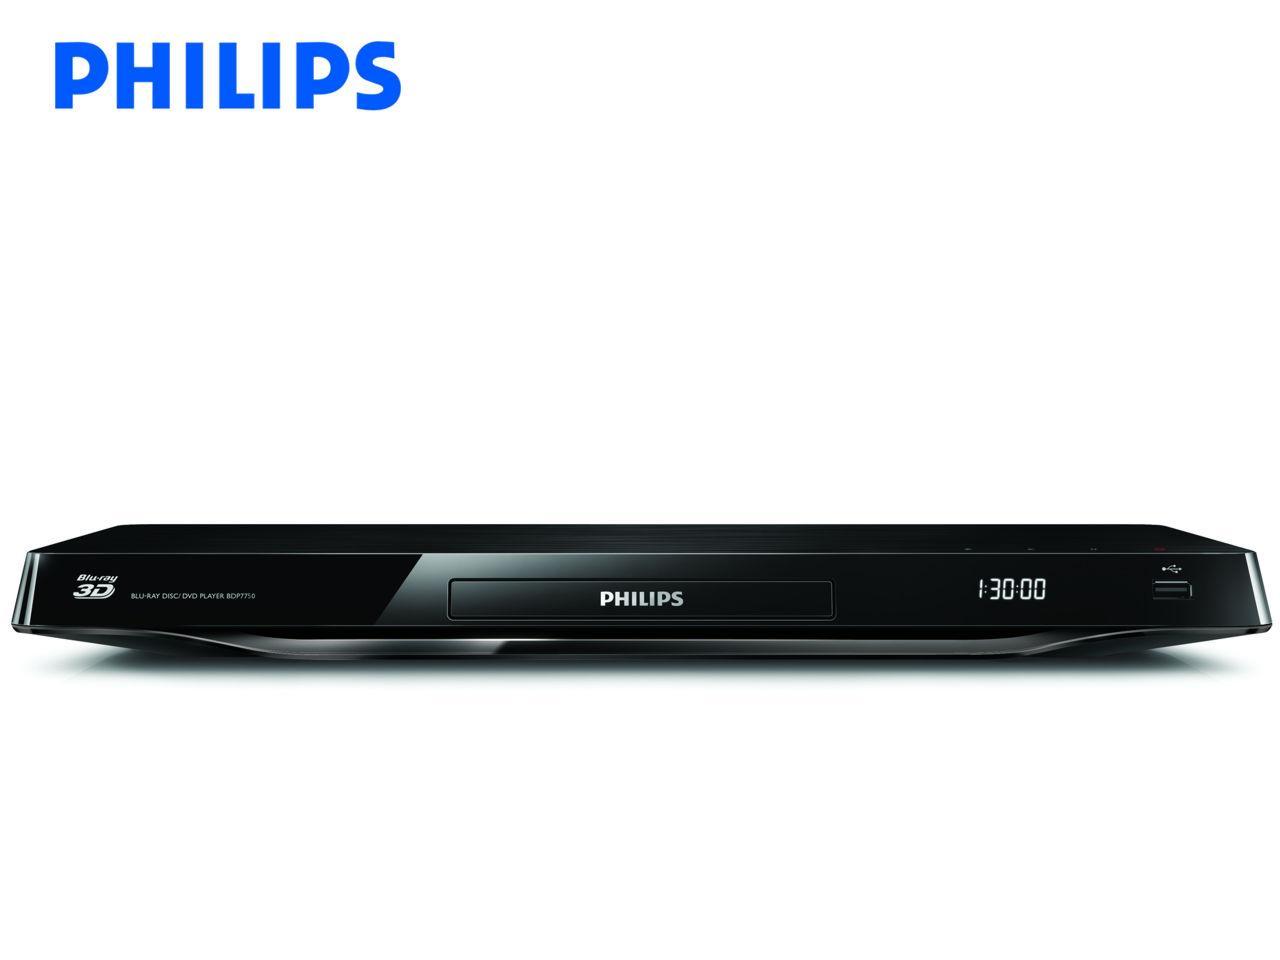 PHILIPS BDP7750 + 200 Kč na dárky nebo další nákup | CHAT on-line podpora PO-PÁ 8-22.00!!